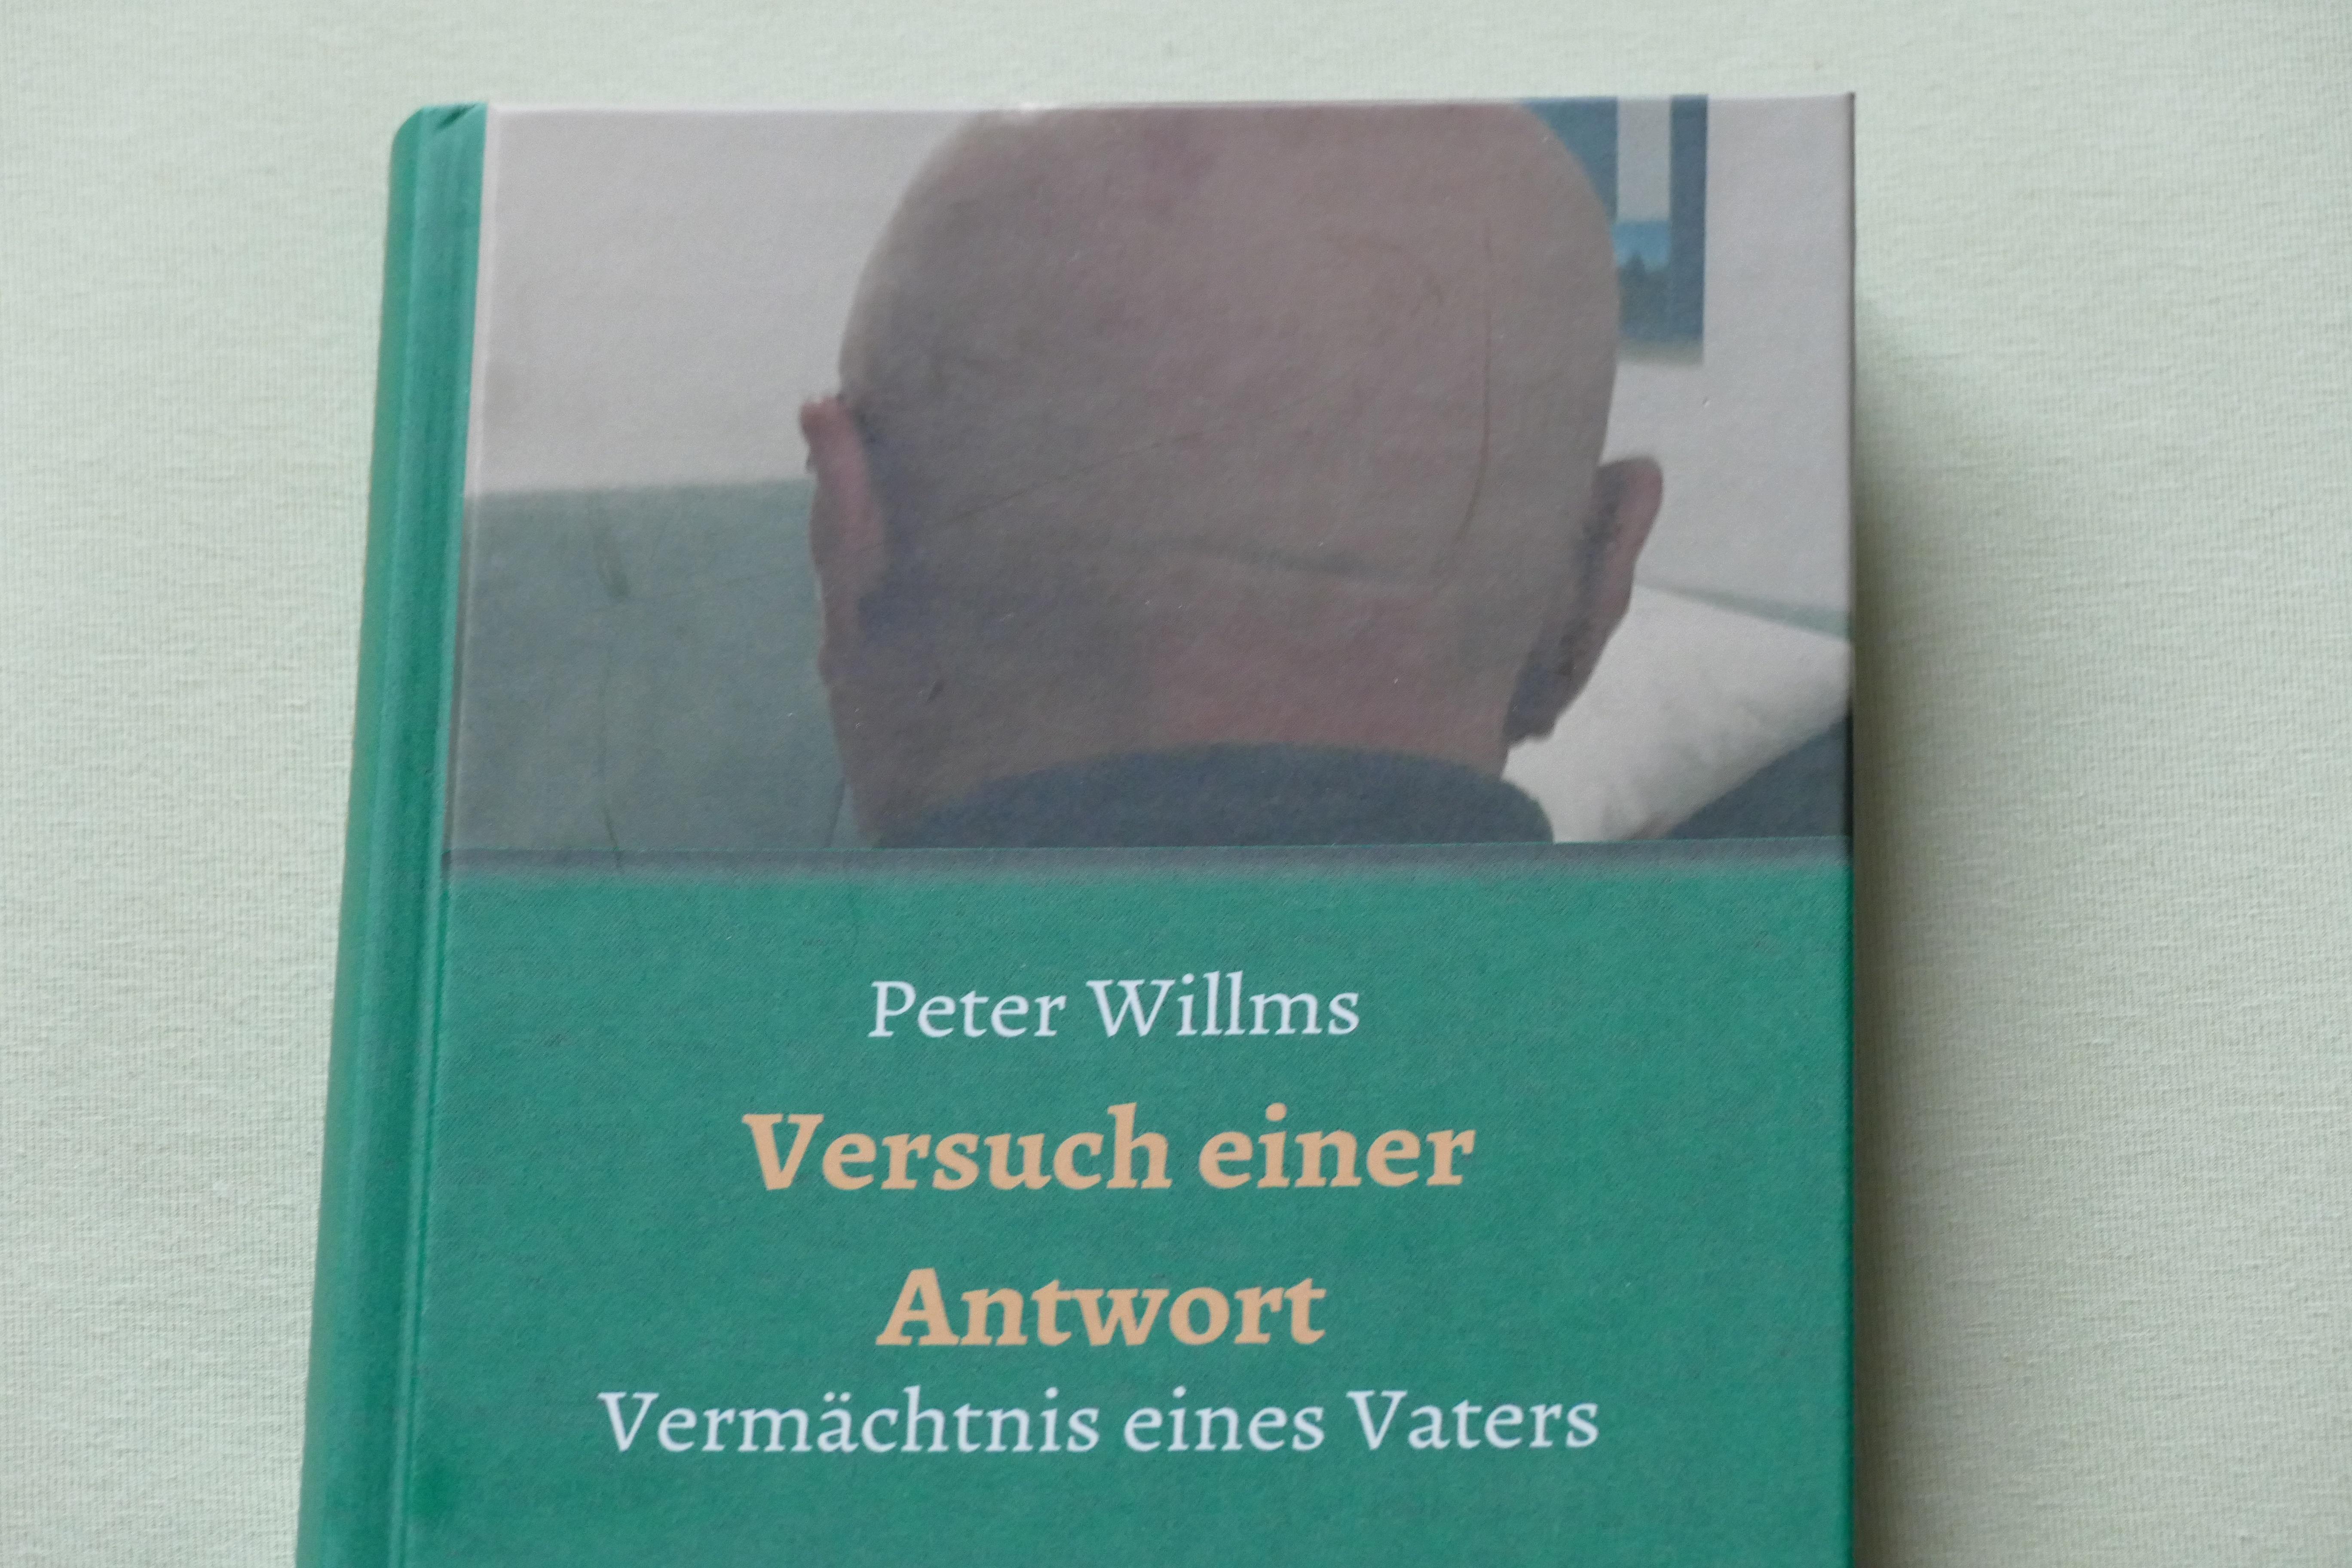 www.meine-biographie.com-neuerscheinung-vermaechtnis-eines-vaters-p1390482